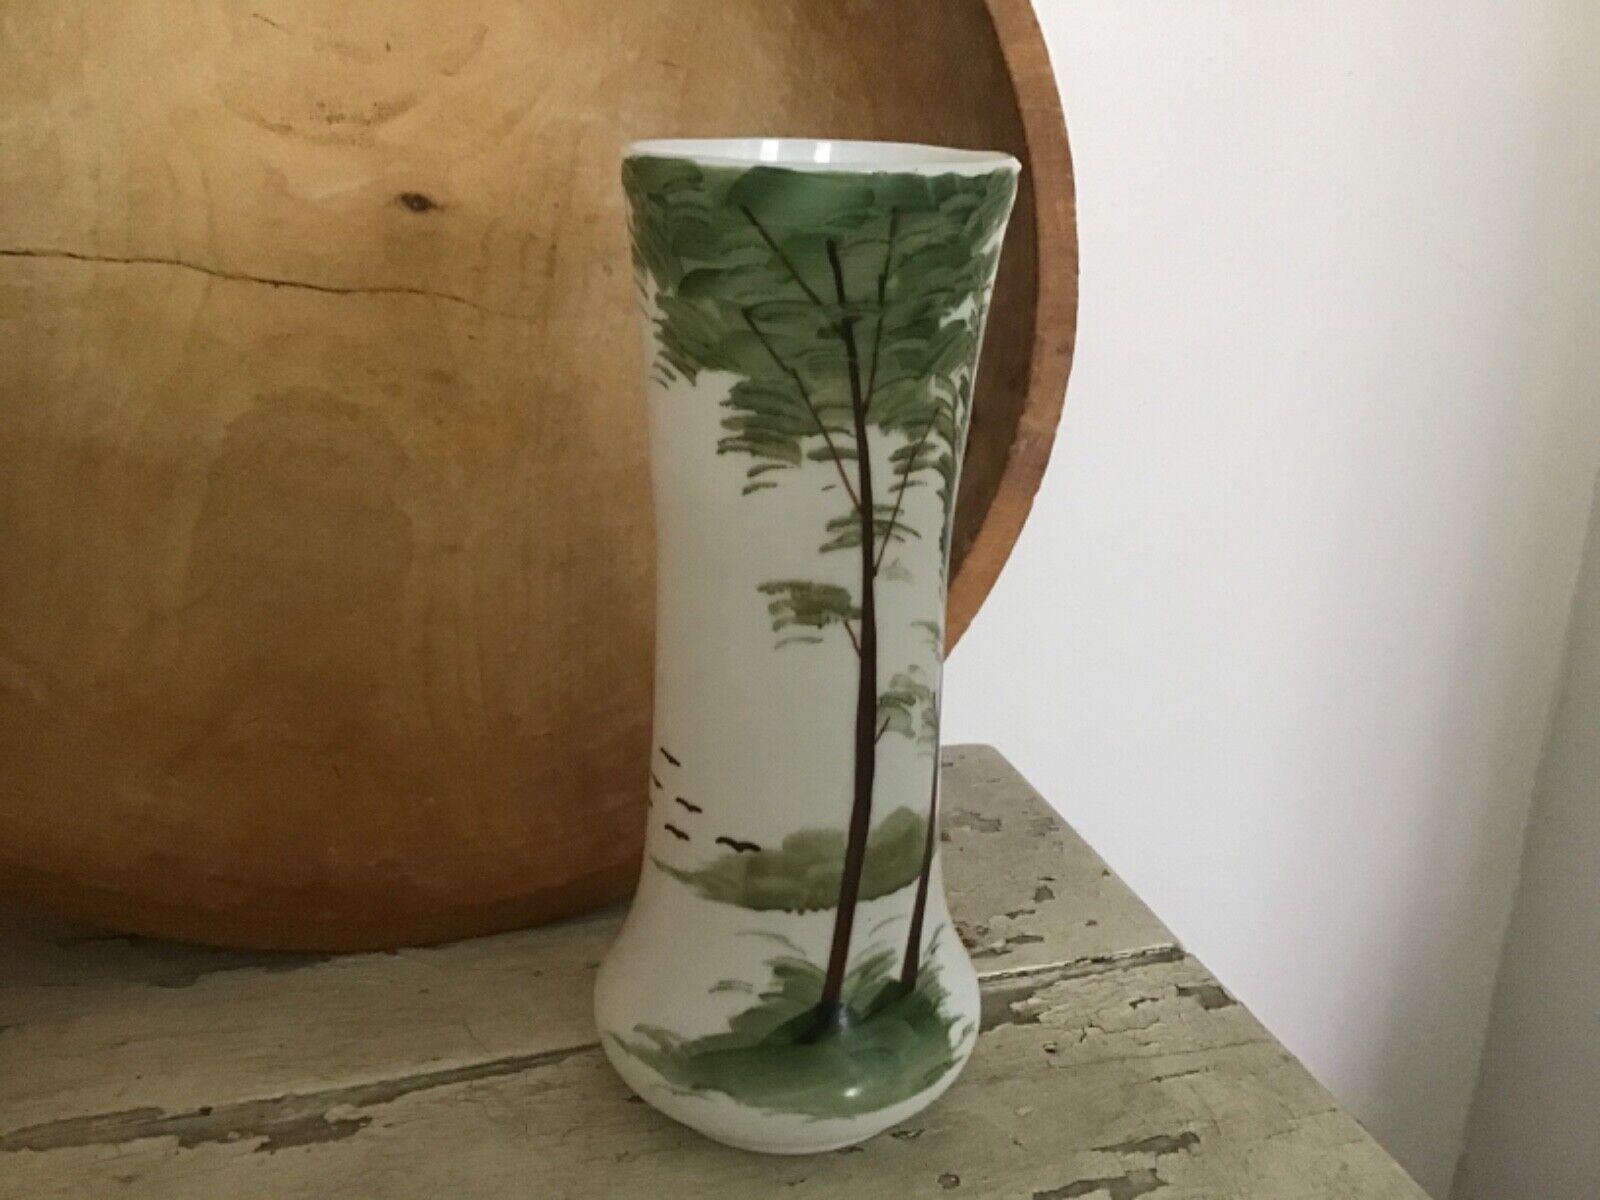 BrIstol Glass Victorian Hand Blown Hand Painted Vase EUC  - $11.50